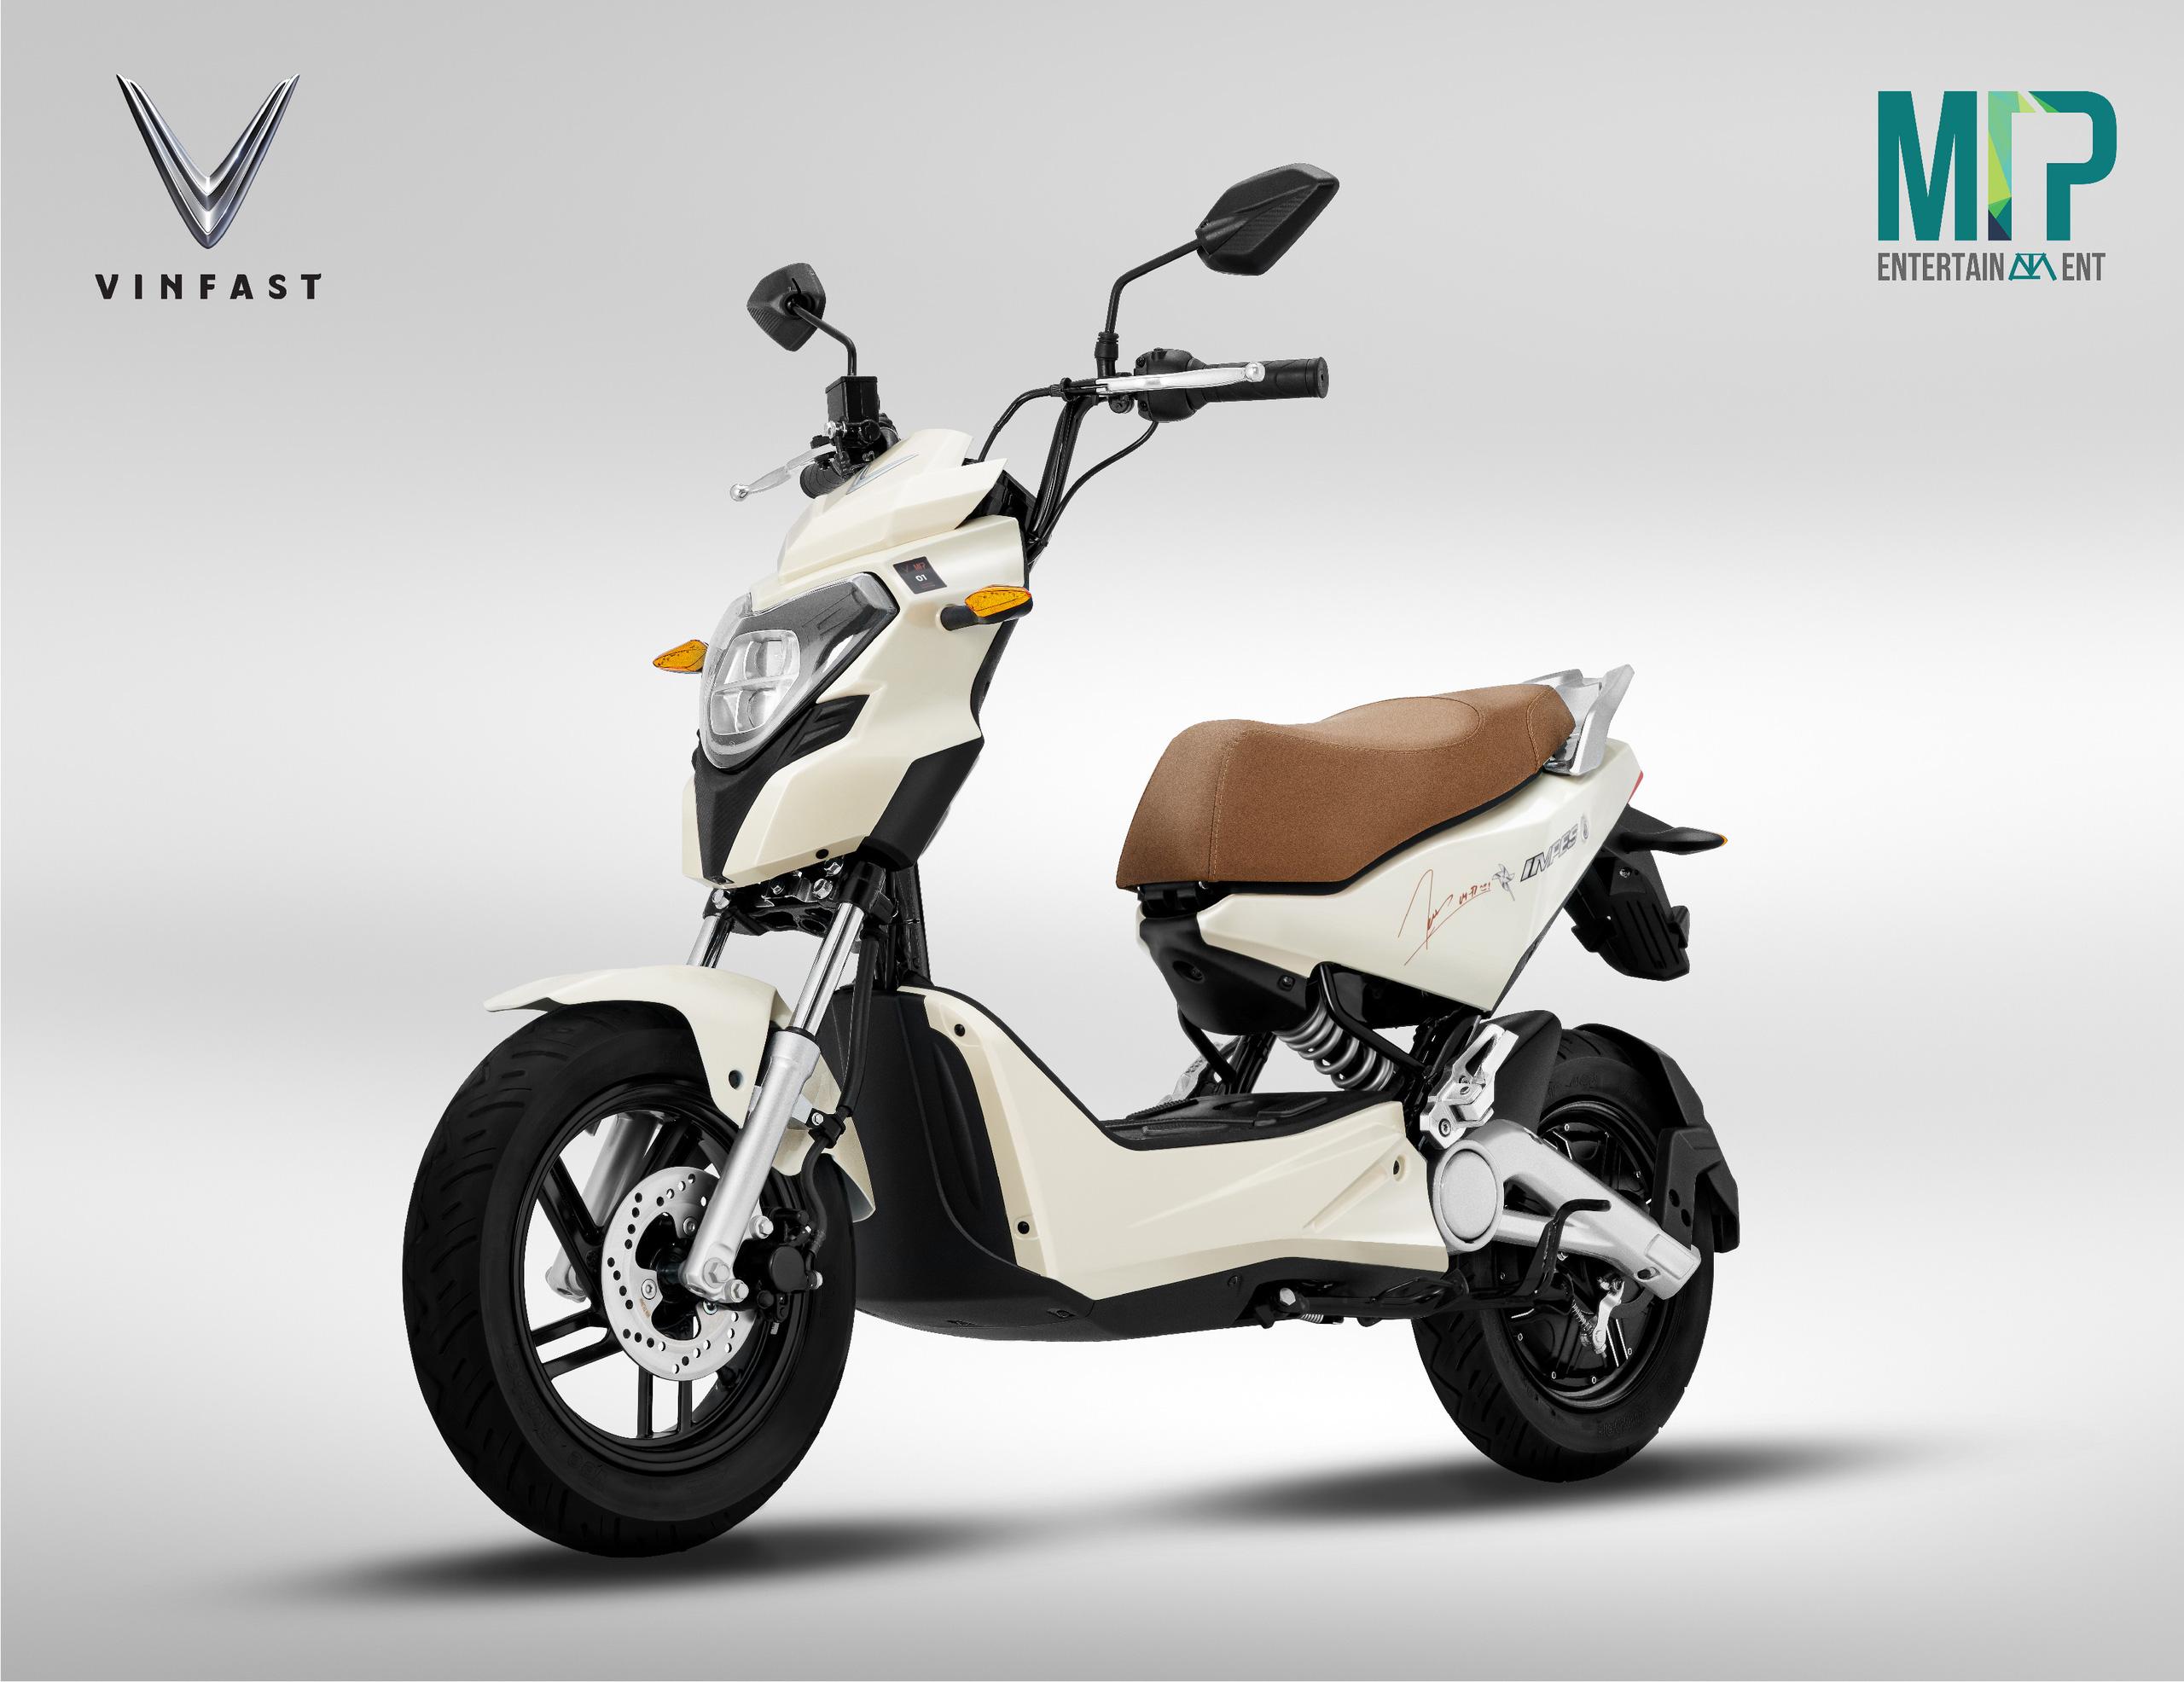 VinFast công bố hai mẫu xe máy điện mới mang đậm phong cách của Sơn Tùng M-TP - Ảnh 1.